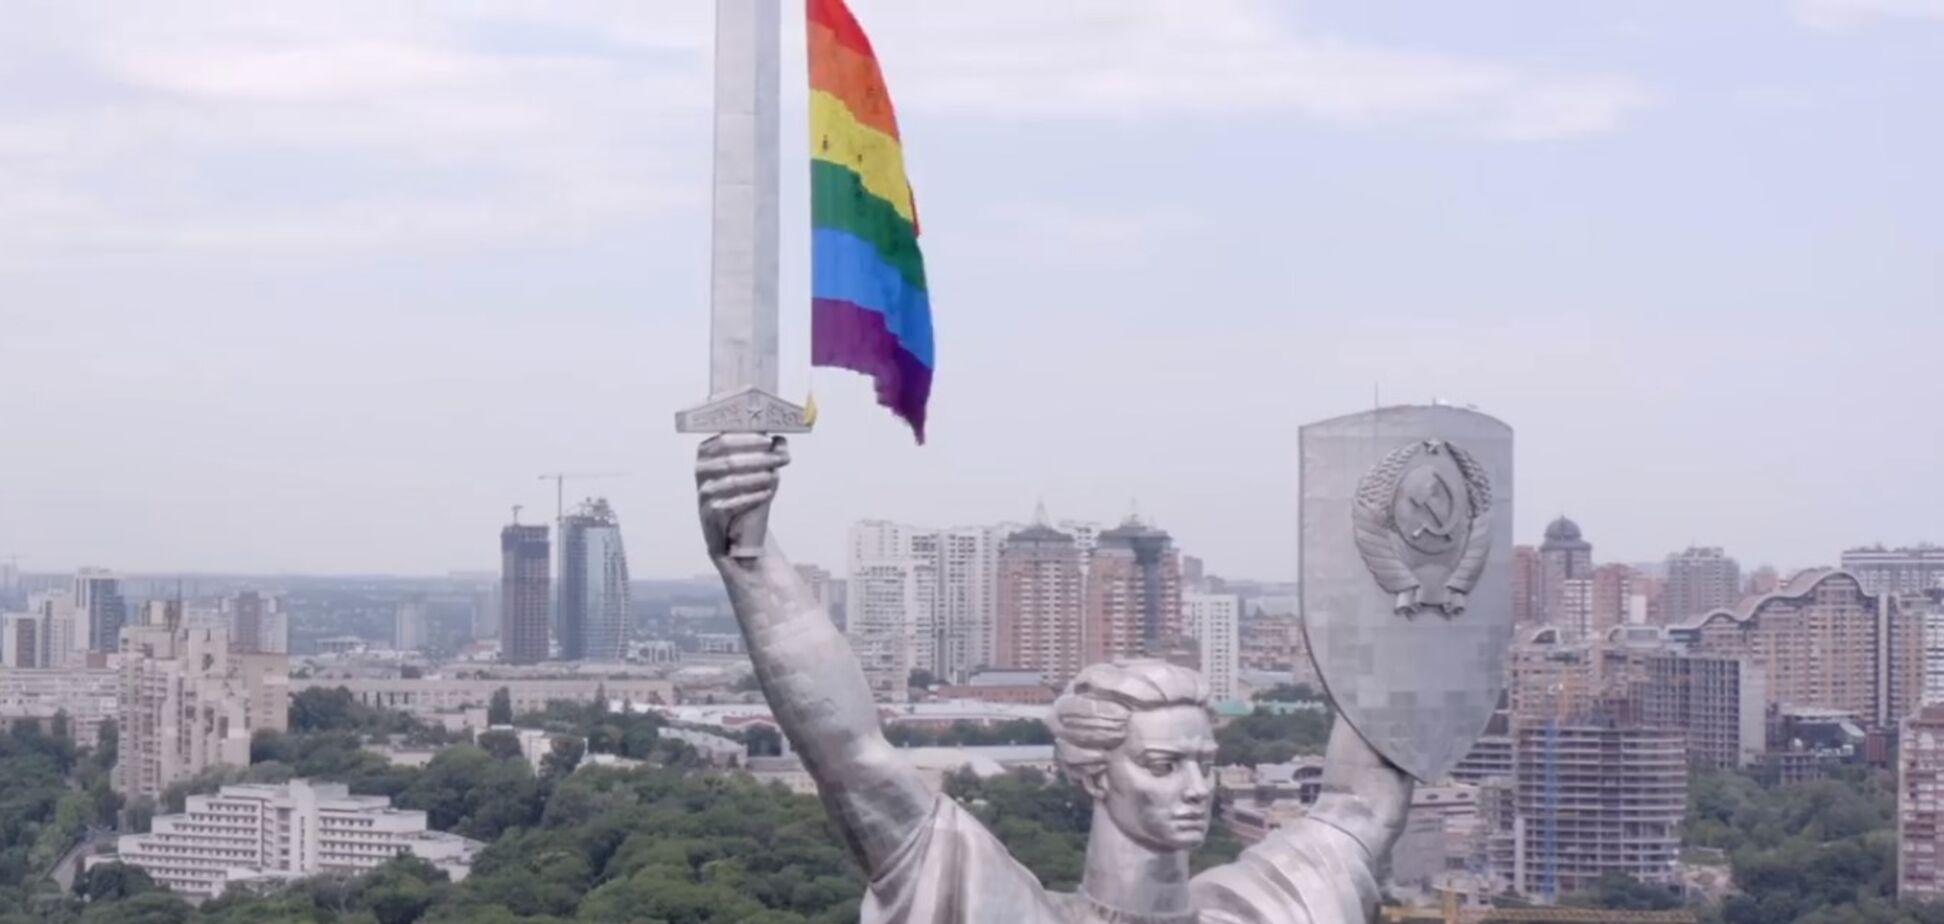 Флаг ЛГБТ вывесили на Родину-Мать в Киеве